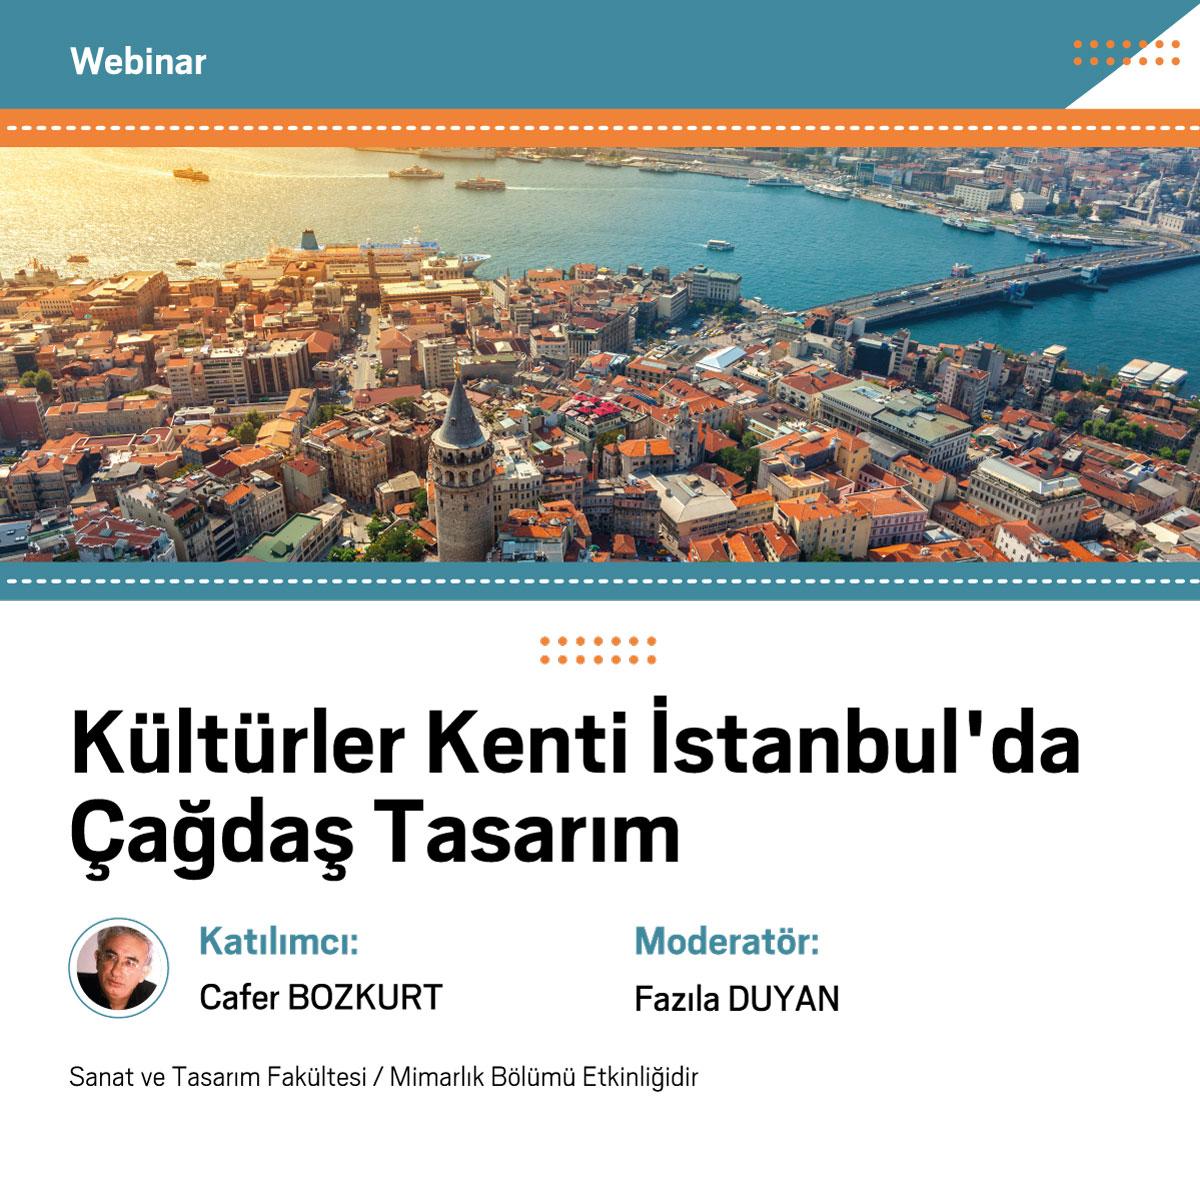 Kültürler_Kenti_İstanbul_pc